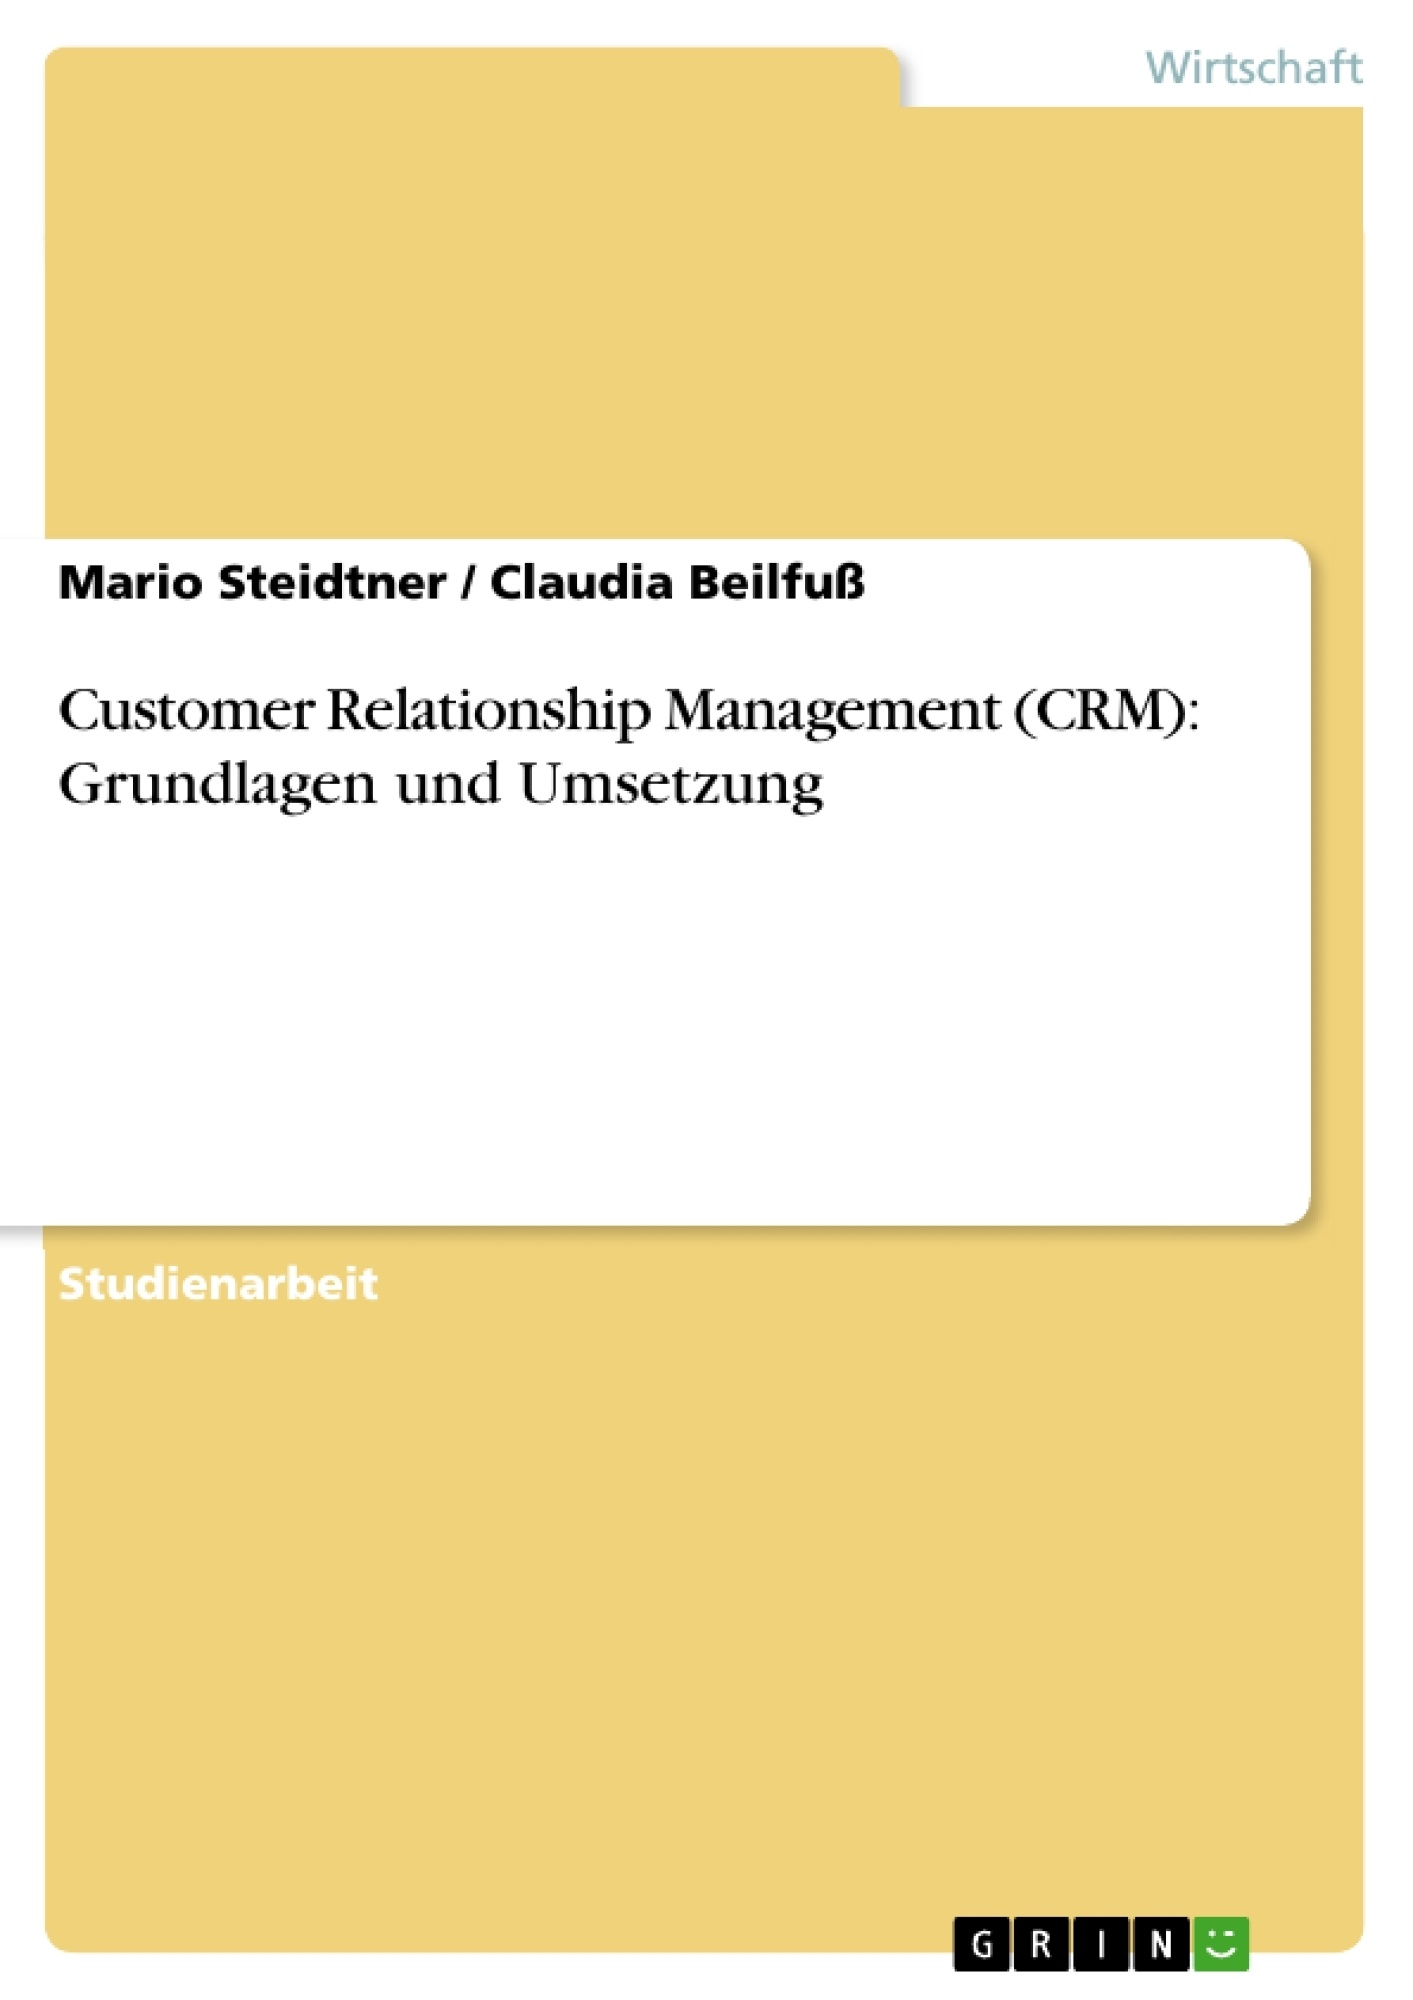 Titel: Customer Relationship Management (CRM): Grundlagen und Umsetzung